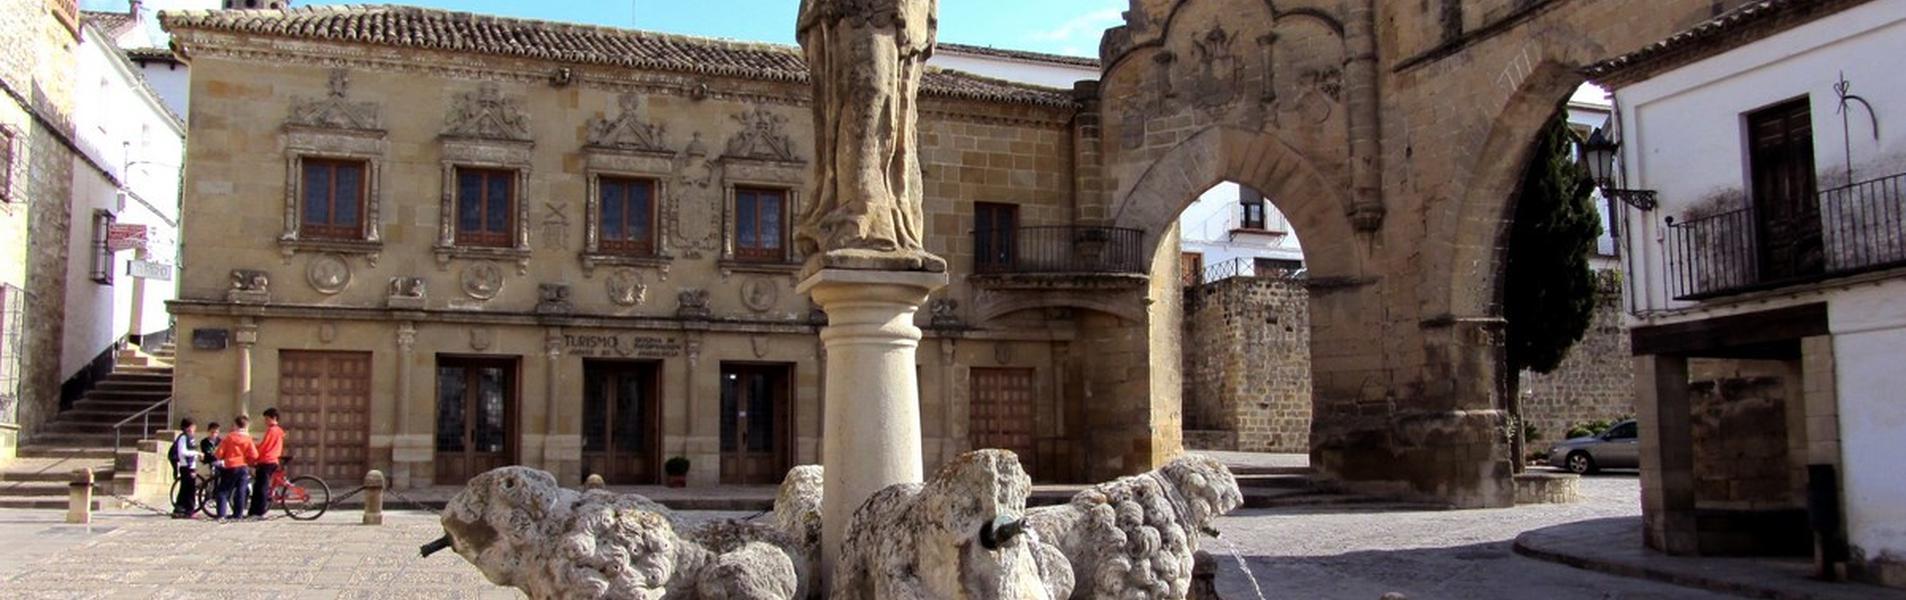 Arco de Villalar y Puerta de Jaén